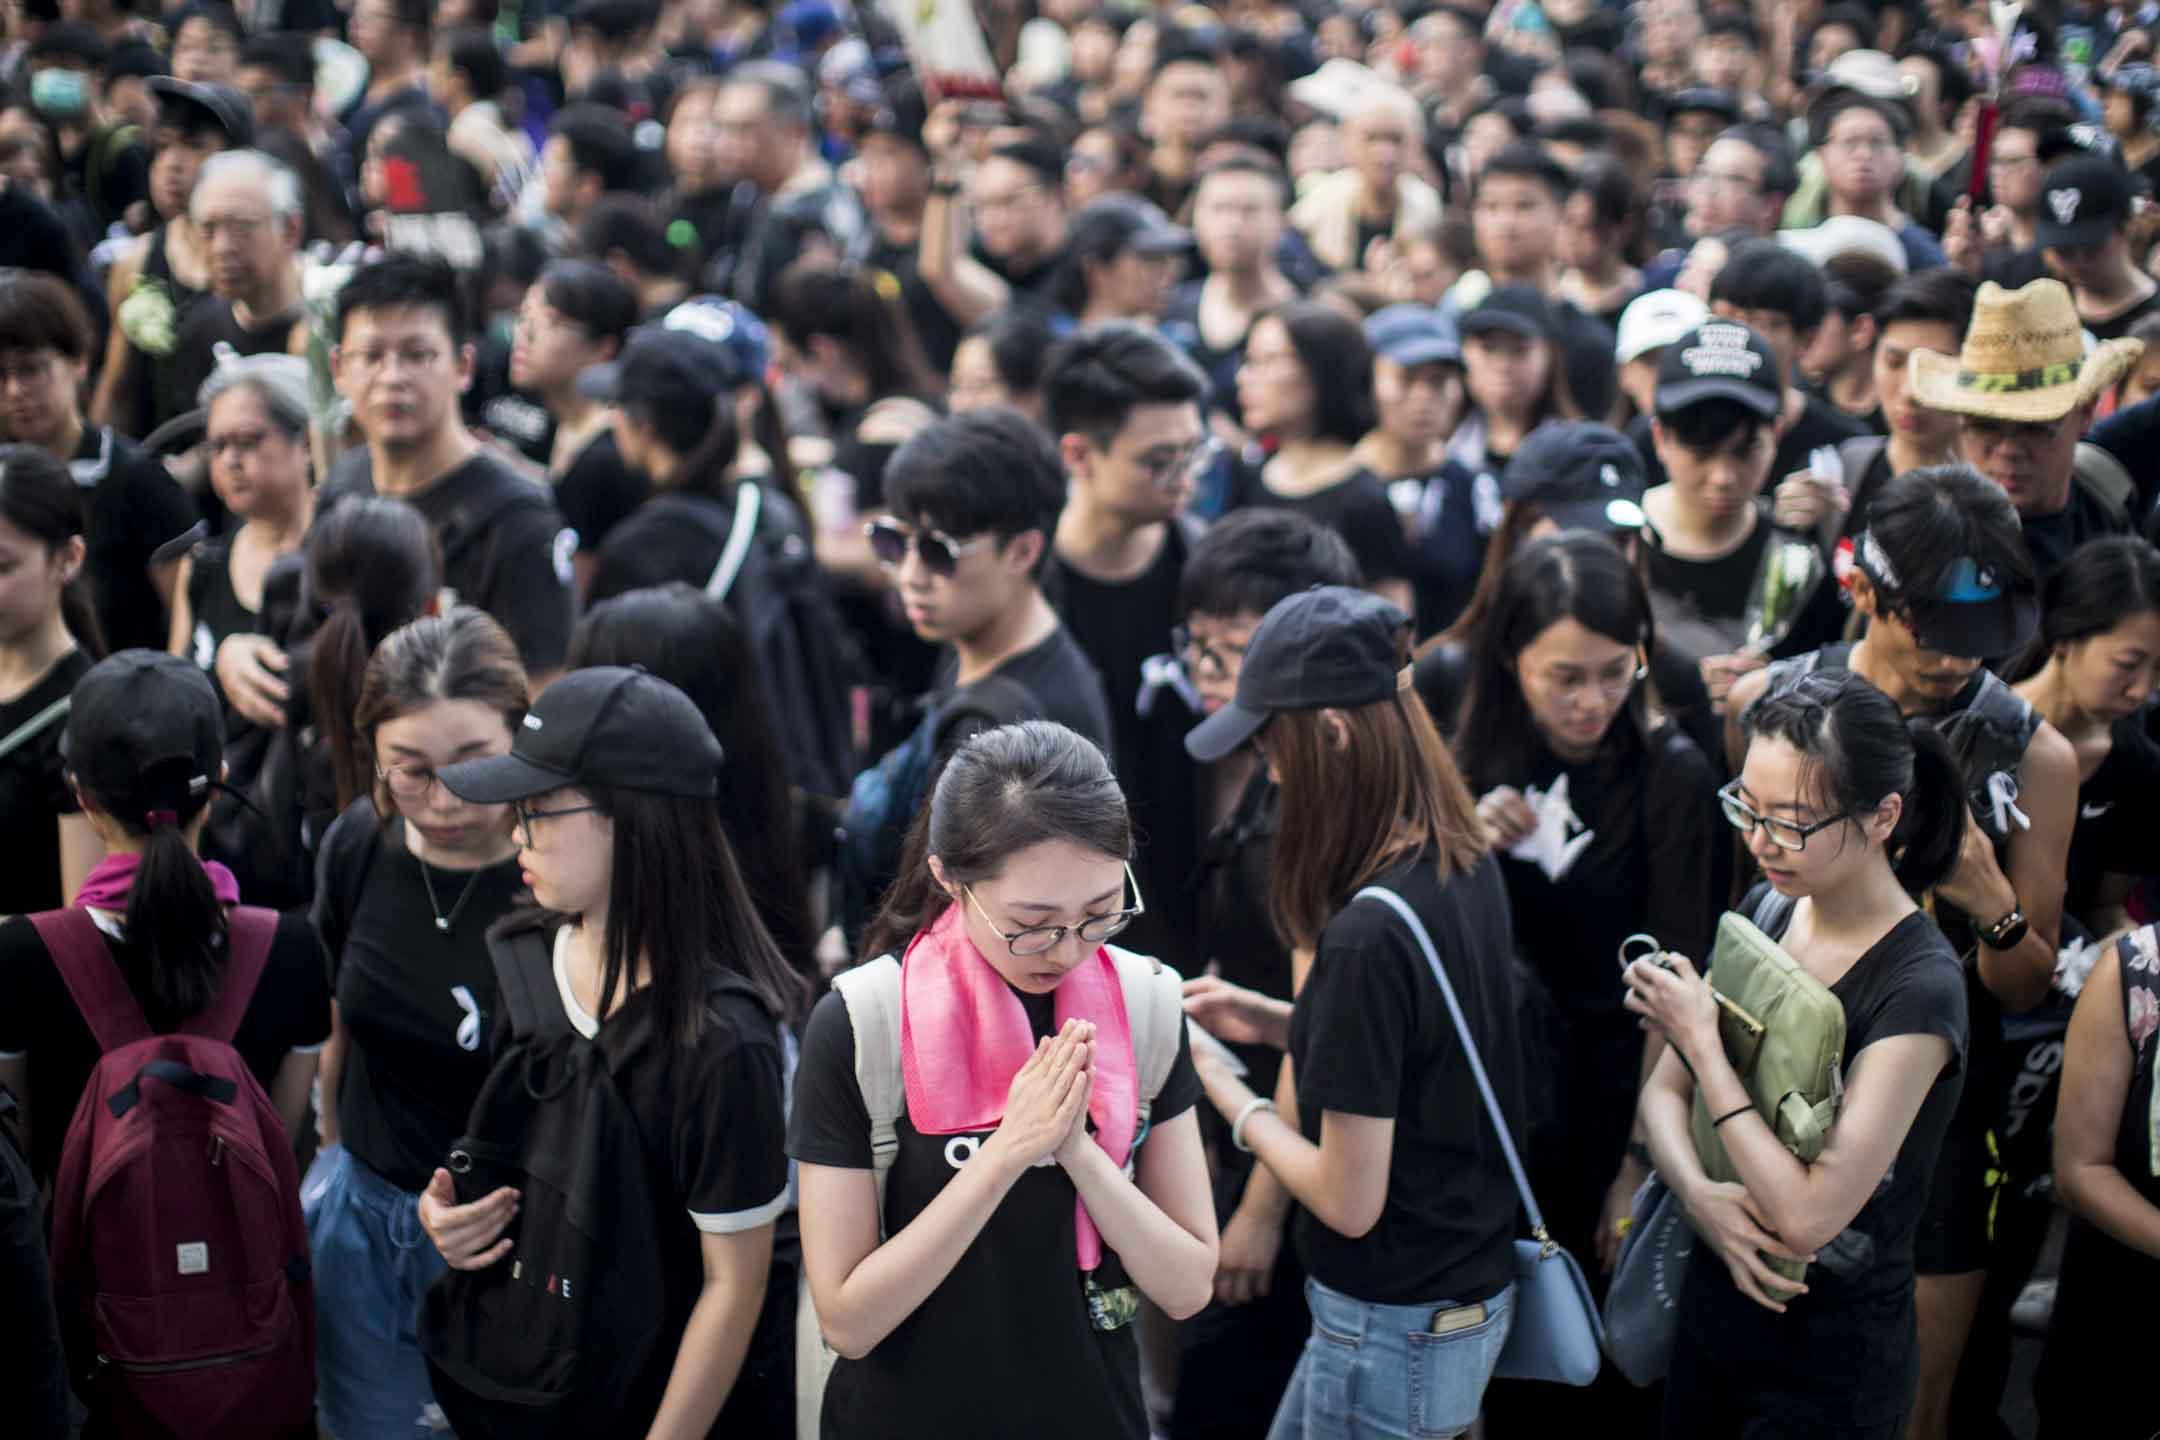 2019年6月16日,香港民陣發起第四次反對《逃犯條例》修訂大遊行,遊行期間,大批市民獻上白花,悼念前一日,於太古廣場平台抗議其後墮地不治的「黃衣人」 。